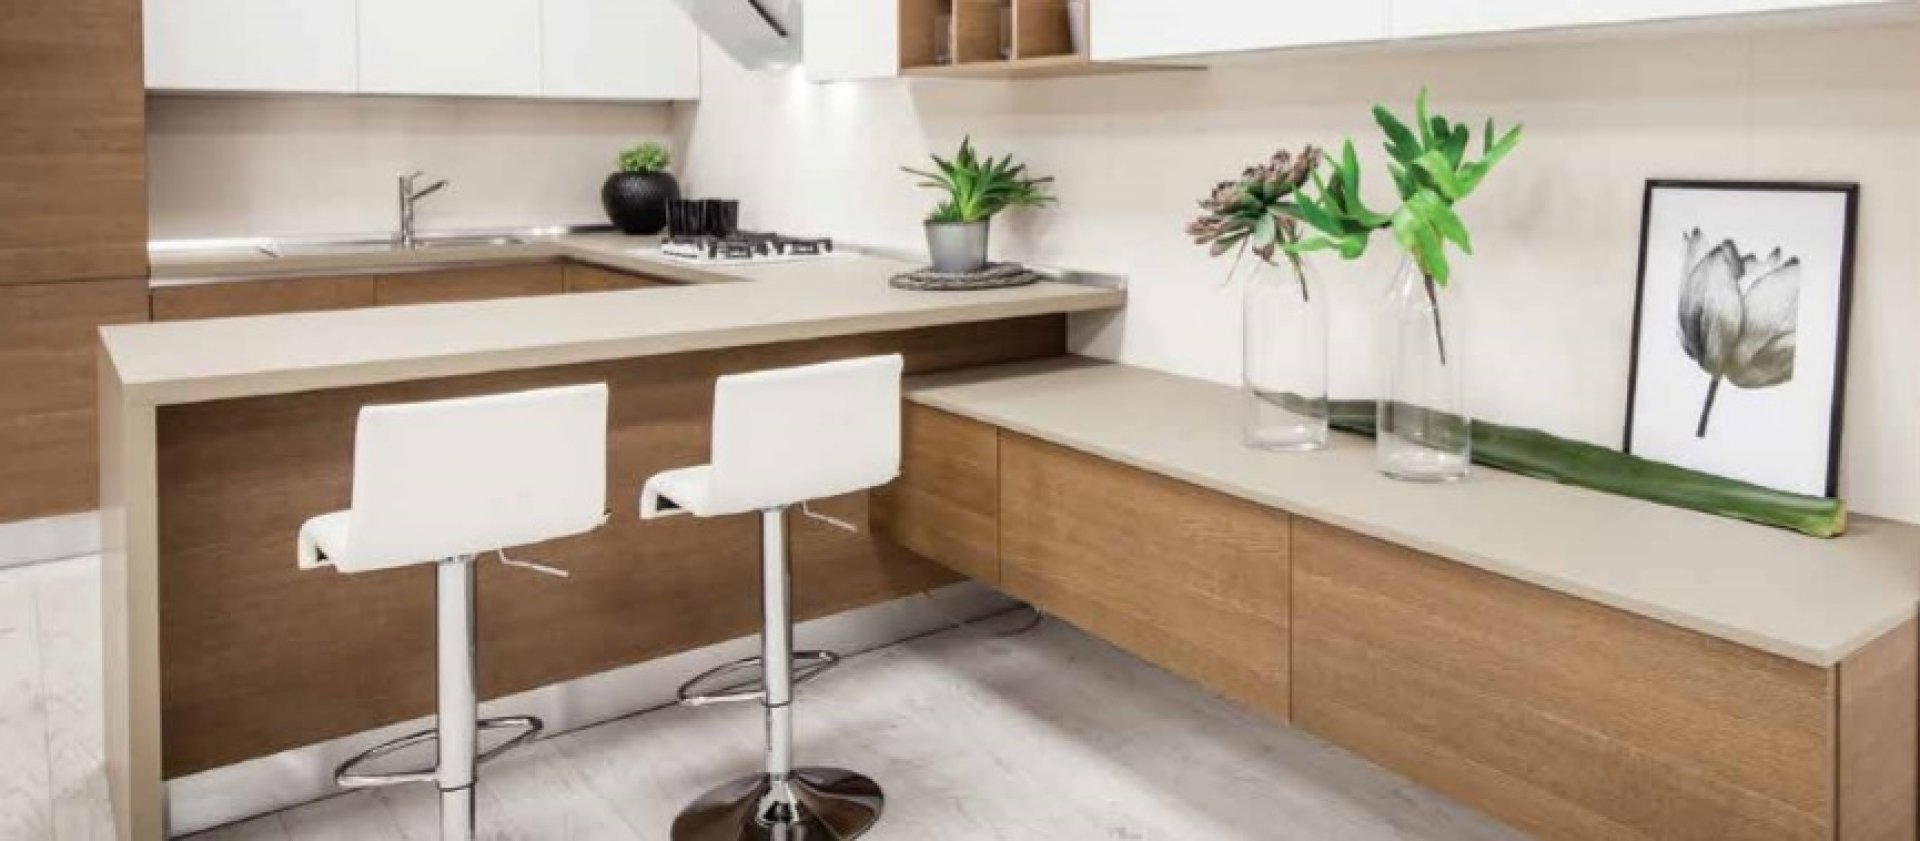 Top cucina: come sfruttare lo spazio al meglio - SecondLifeKitchen